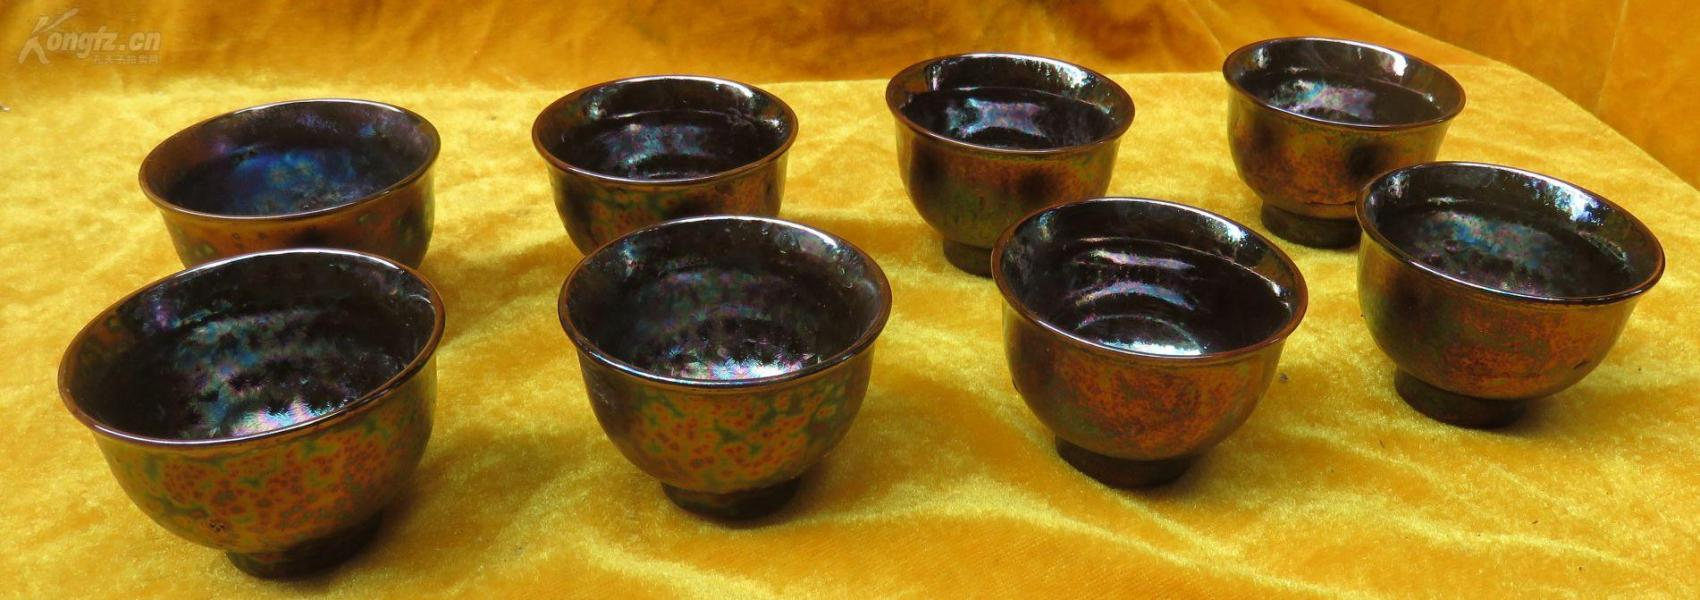 窑变缤纷色彩陶瓷杯子8个19032308